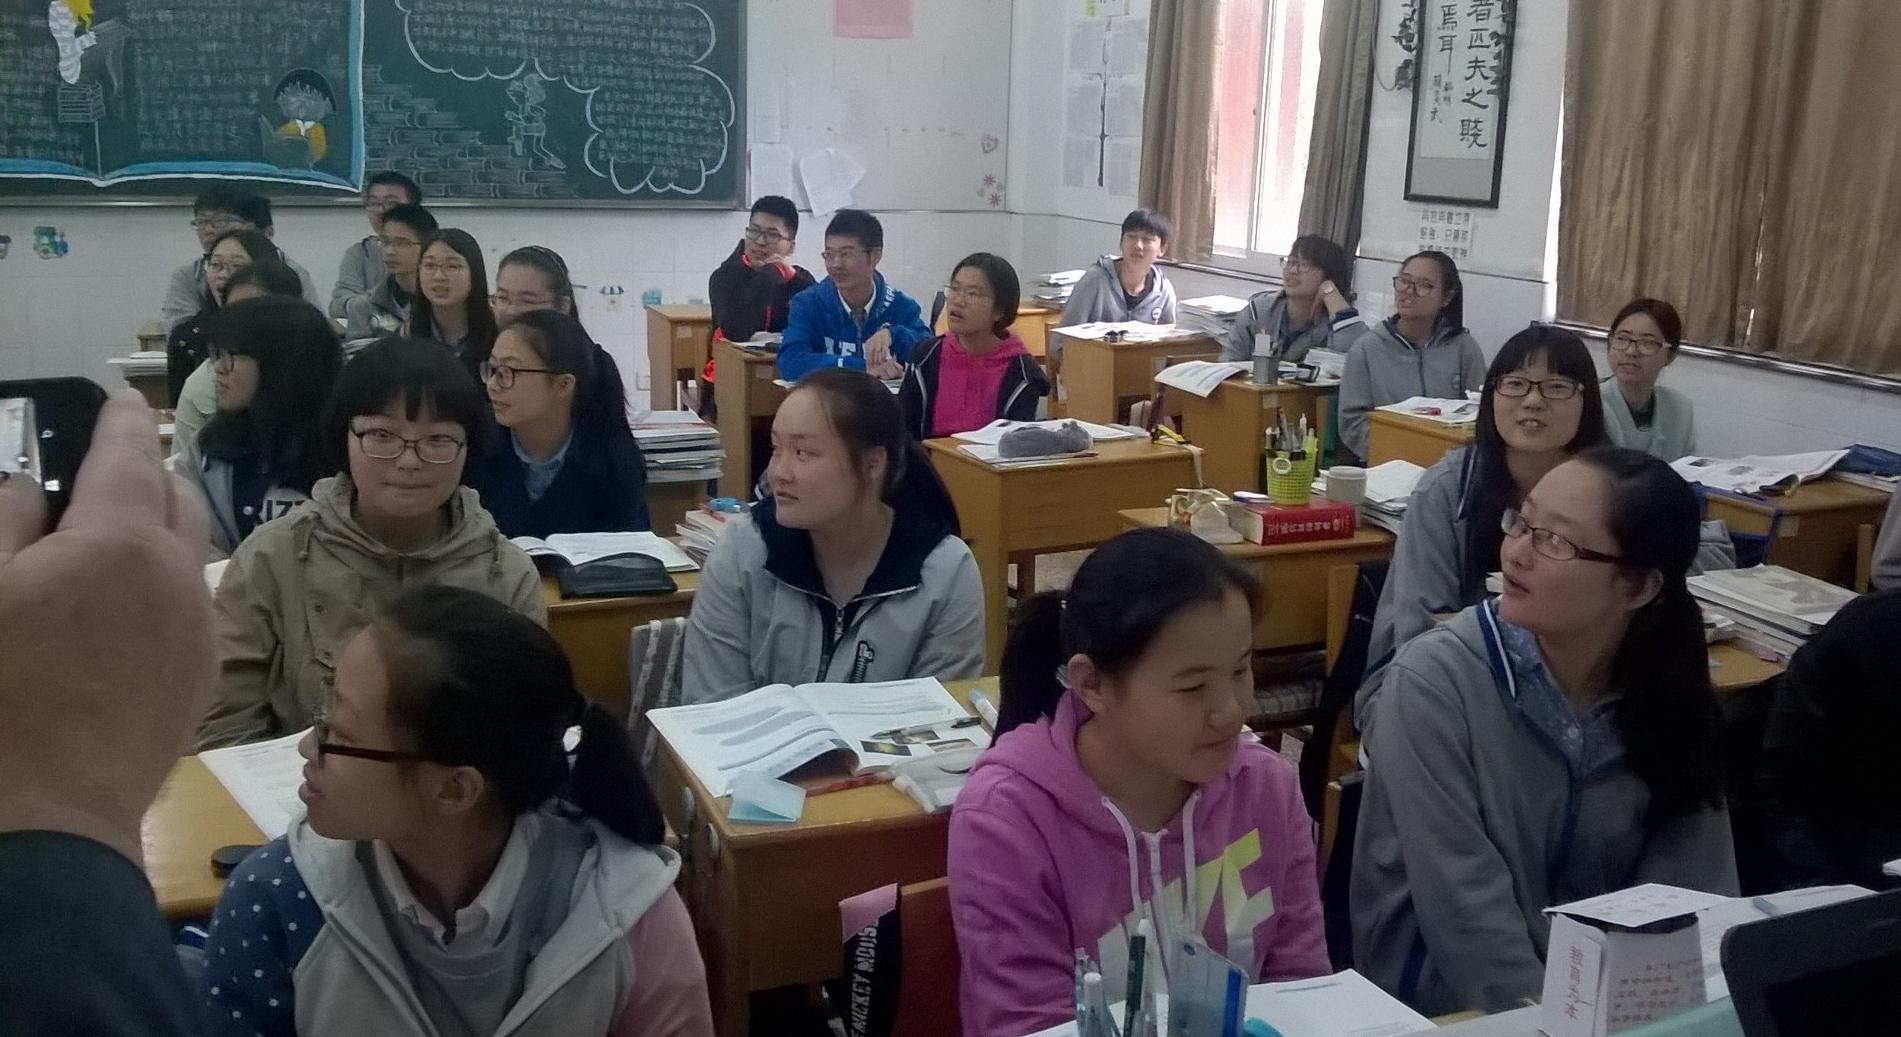 Kiina - esittelemässä SAMKissa koulussa